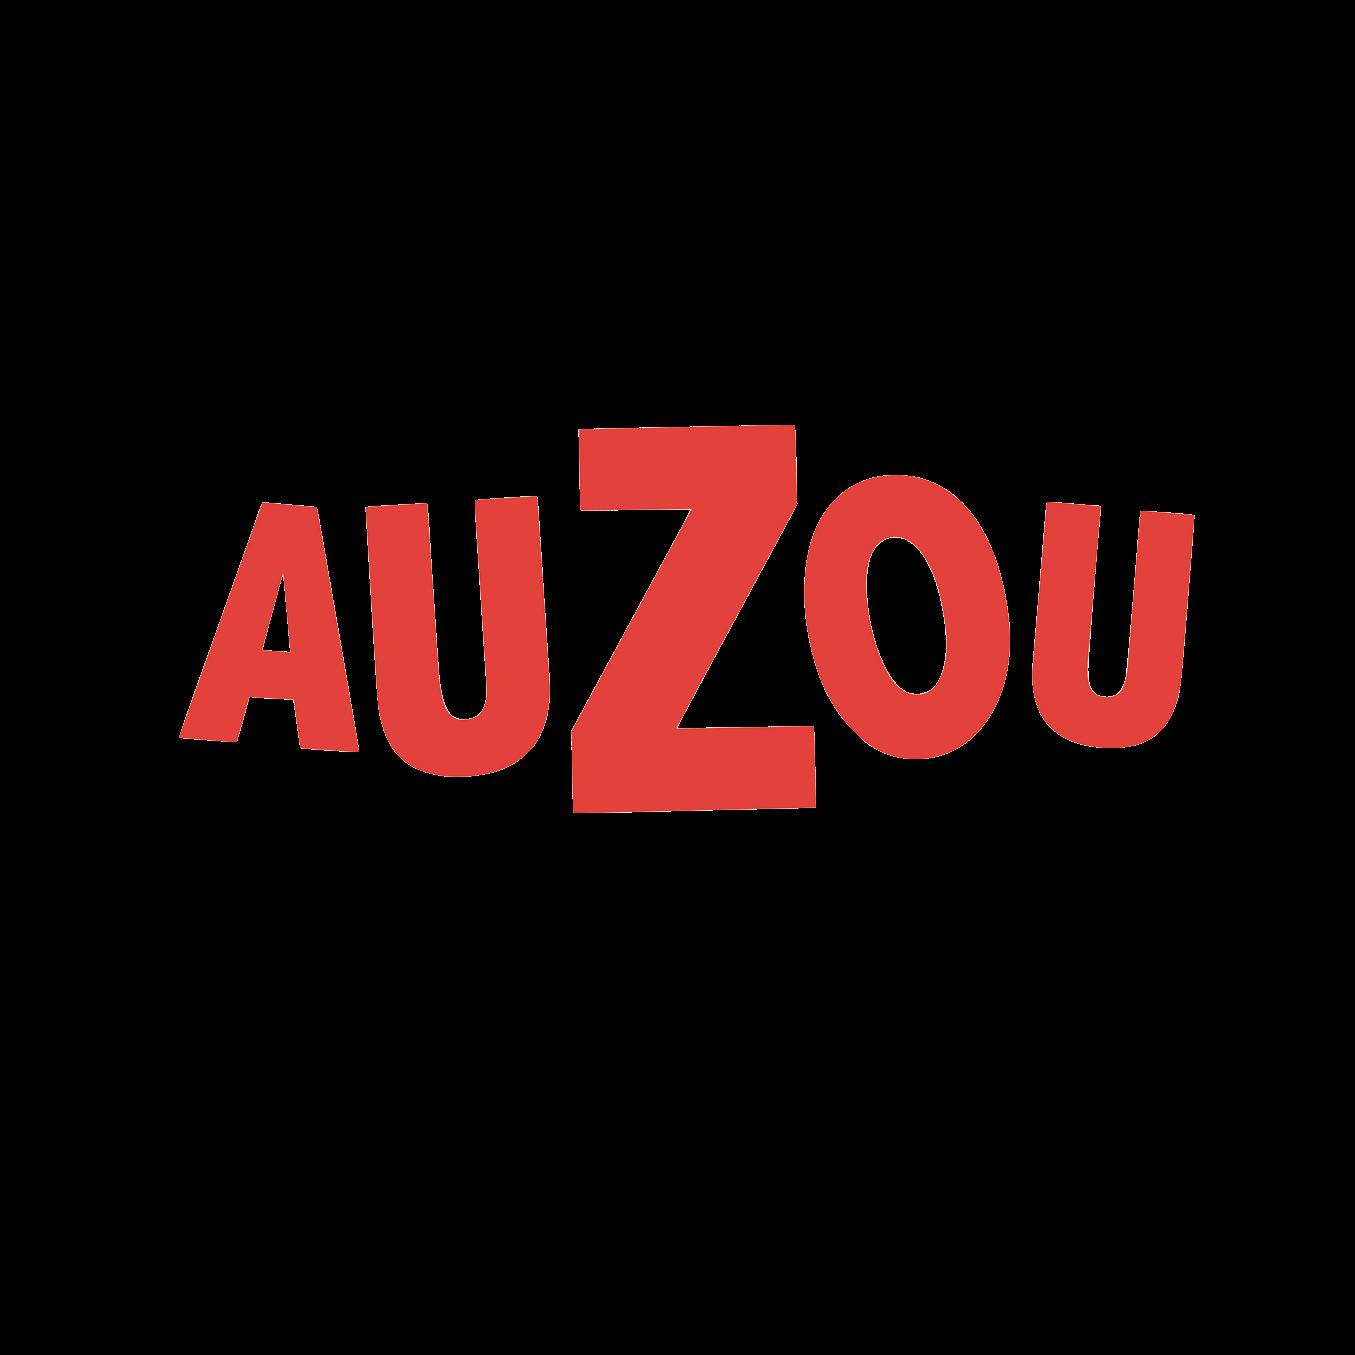 logo_Auzou